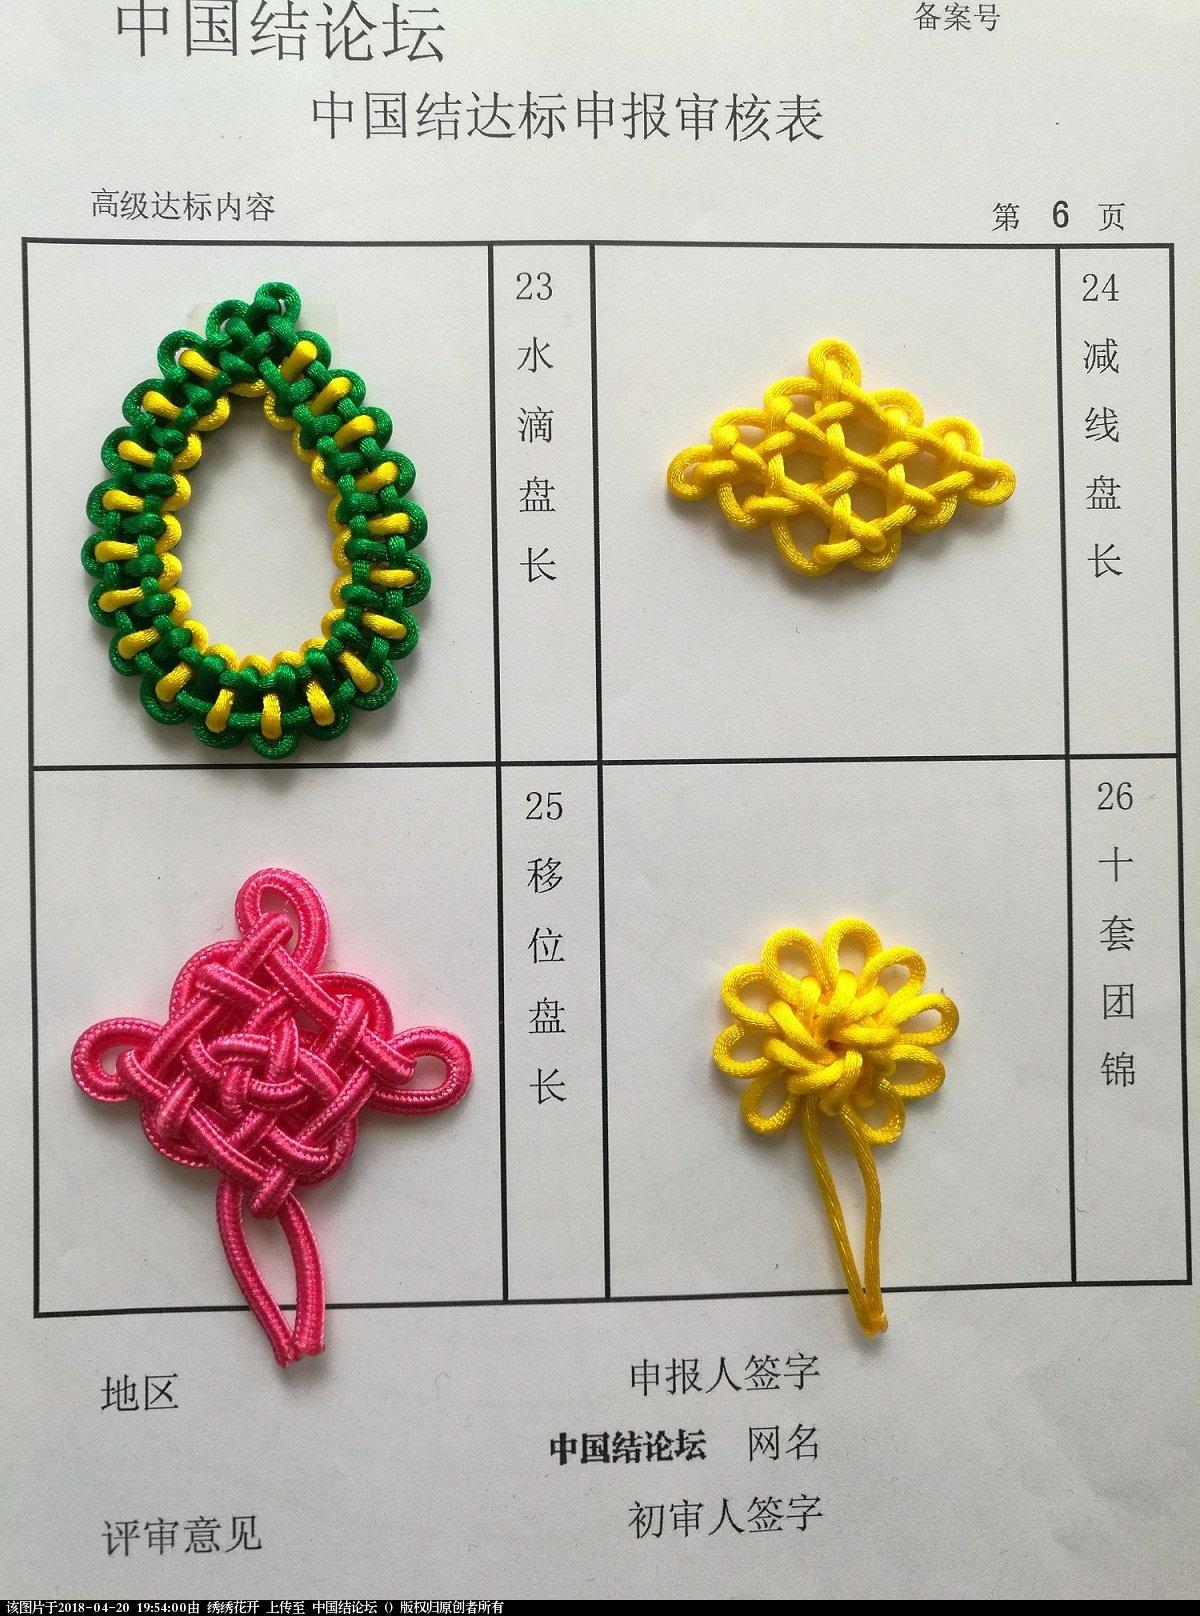 中国结论坛   中国绳结艺术分级达标审核 195107t44fb8gnx0skt3x2